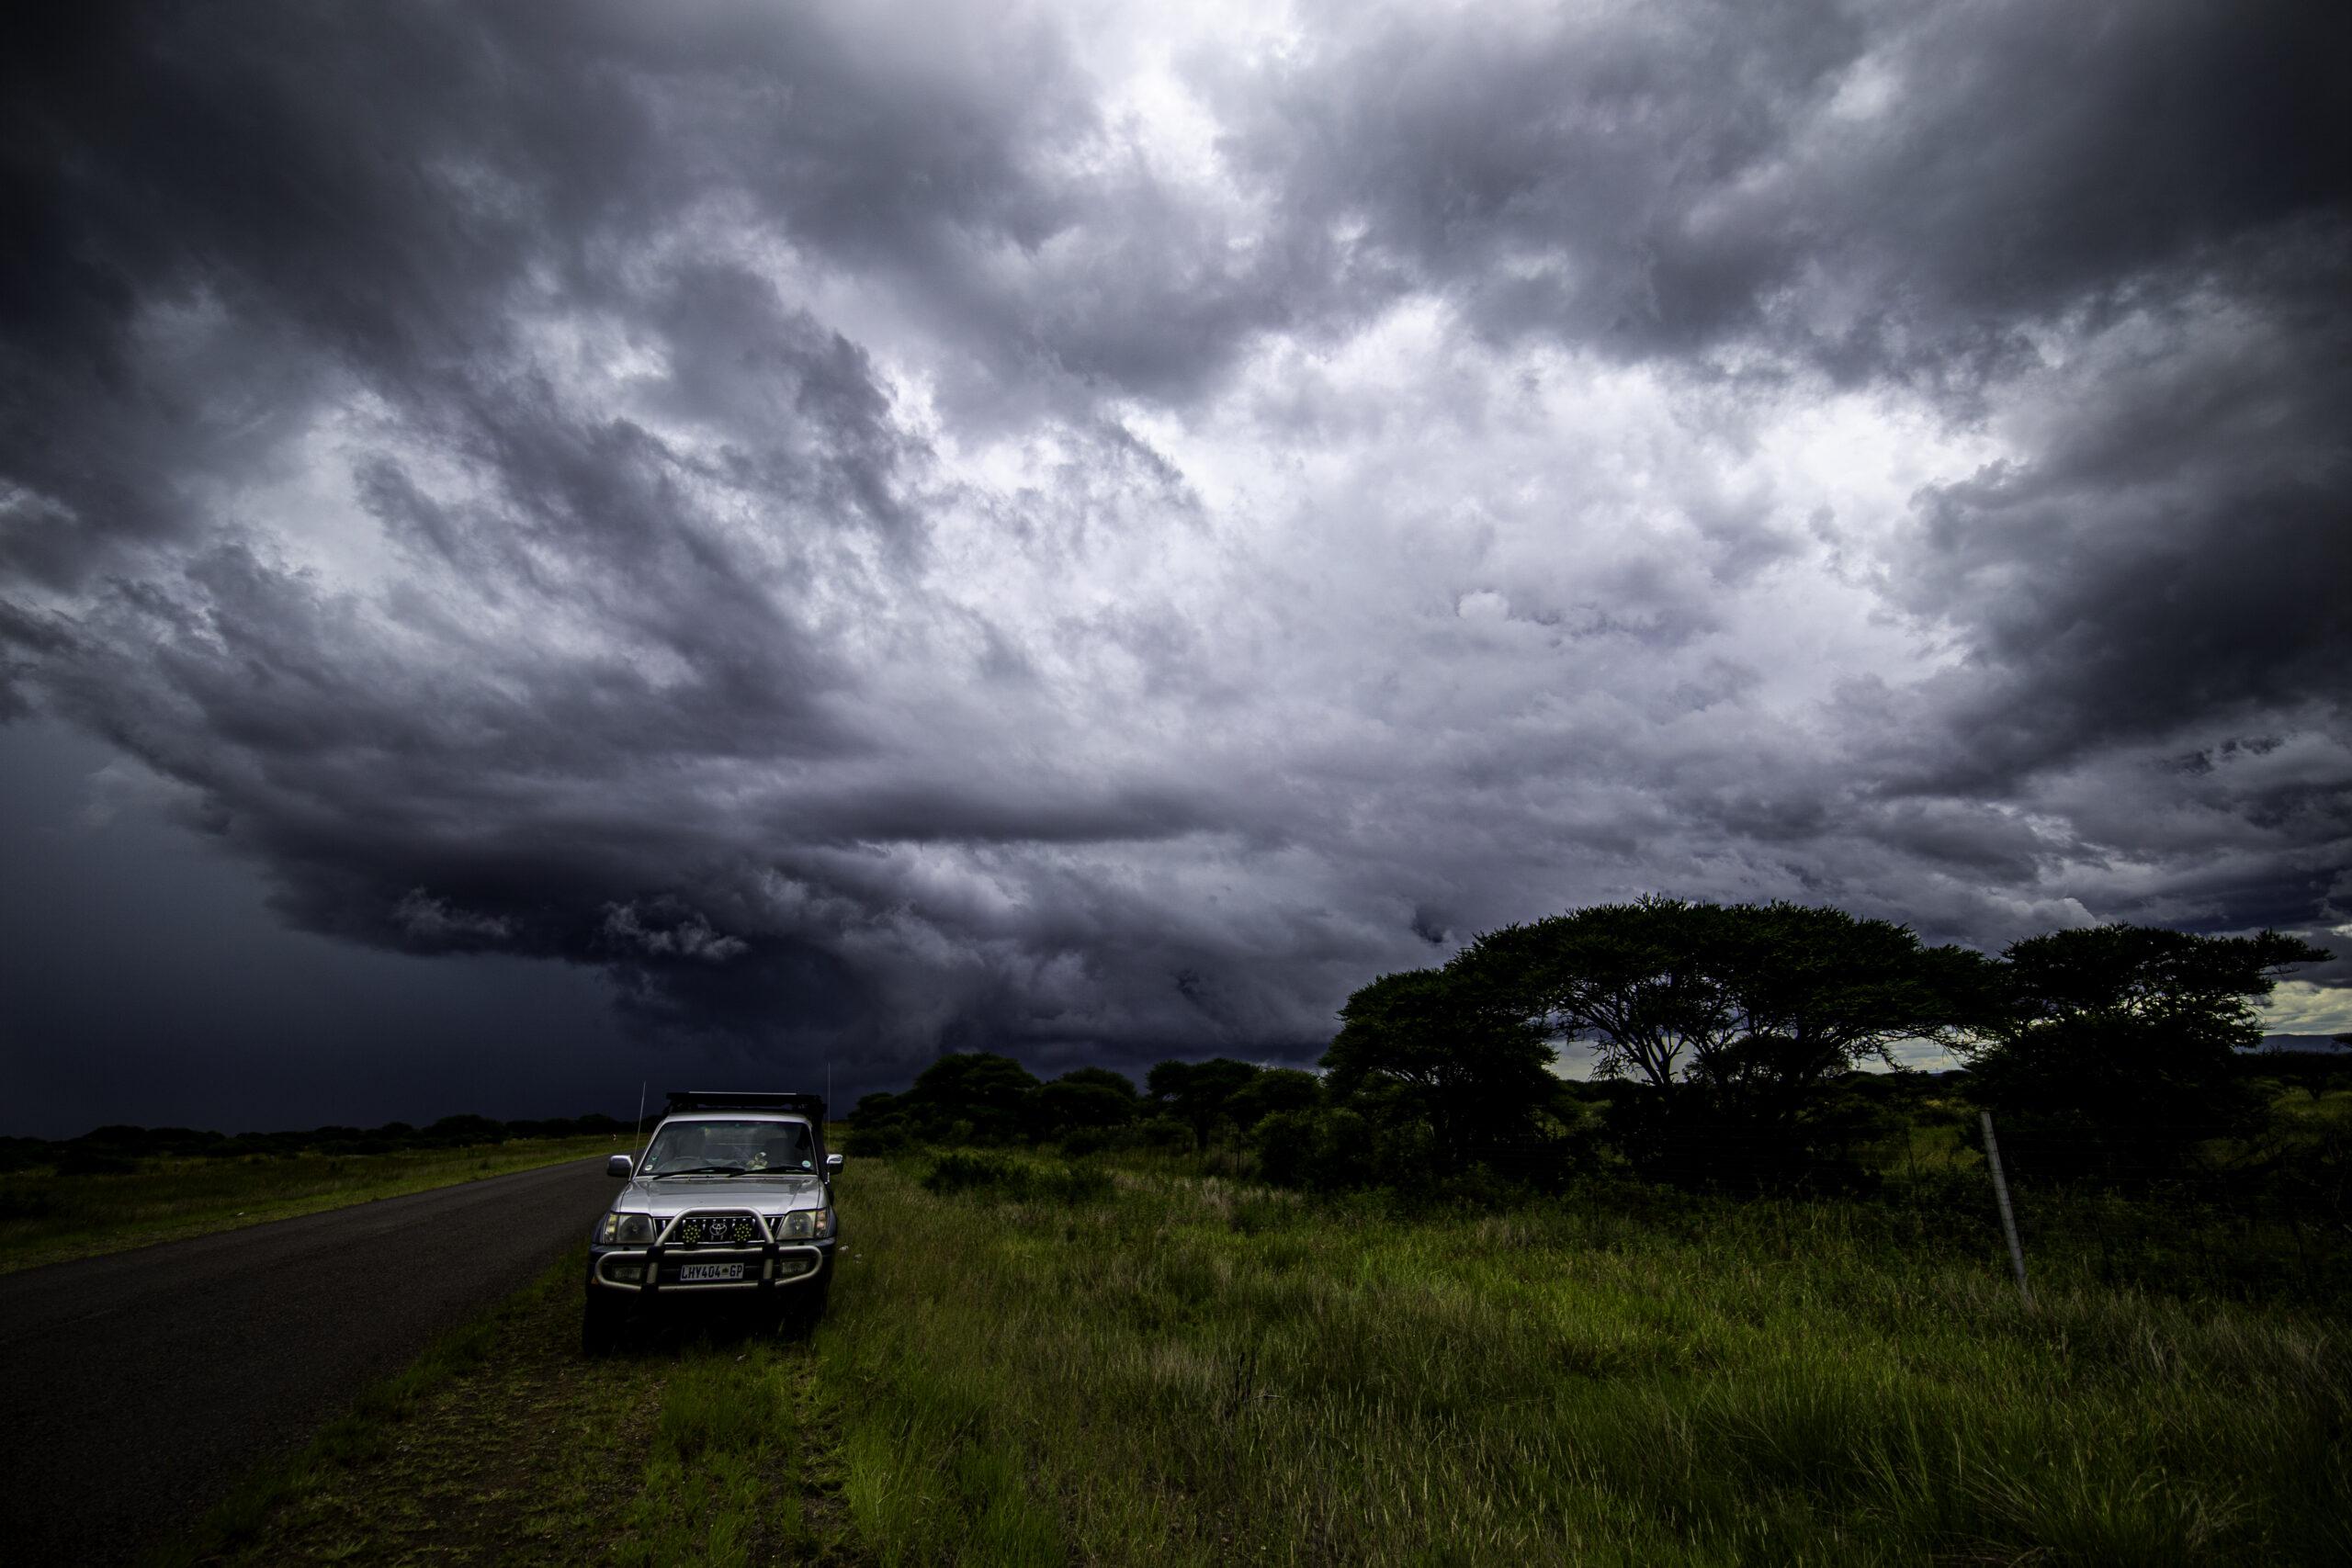 Bel Bela storms